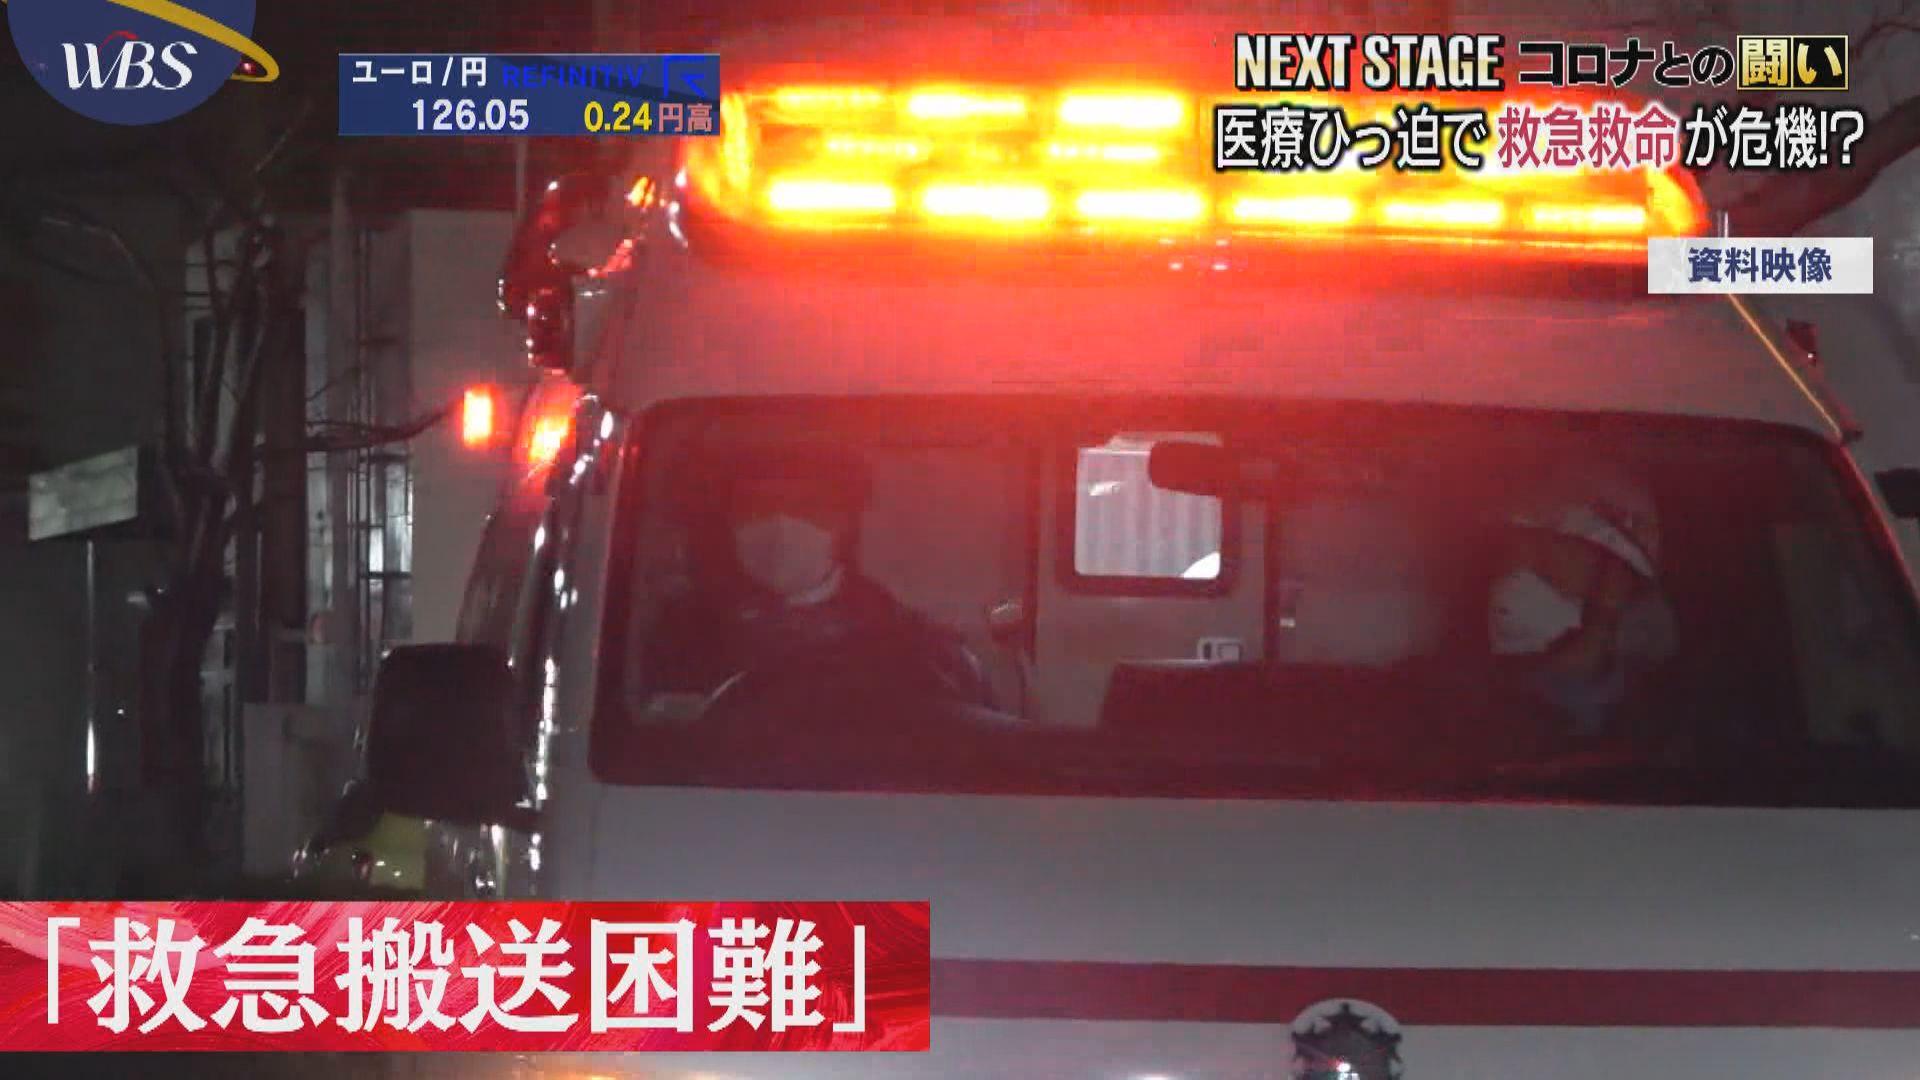 ワールドビジネスサテライト 1月25日放送 ▽病床満床の余波現場…「救急搬送先がない」▽変異発見!厳戒態勢の北京でなぜ